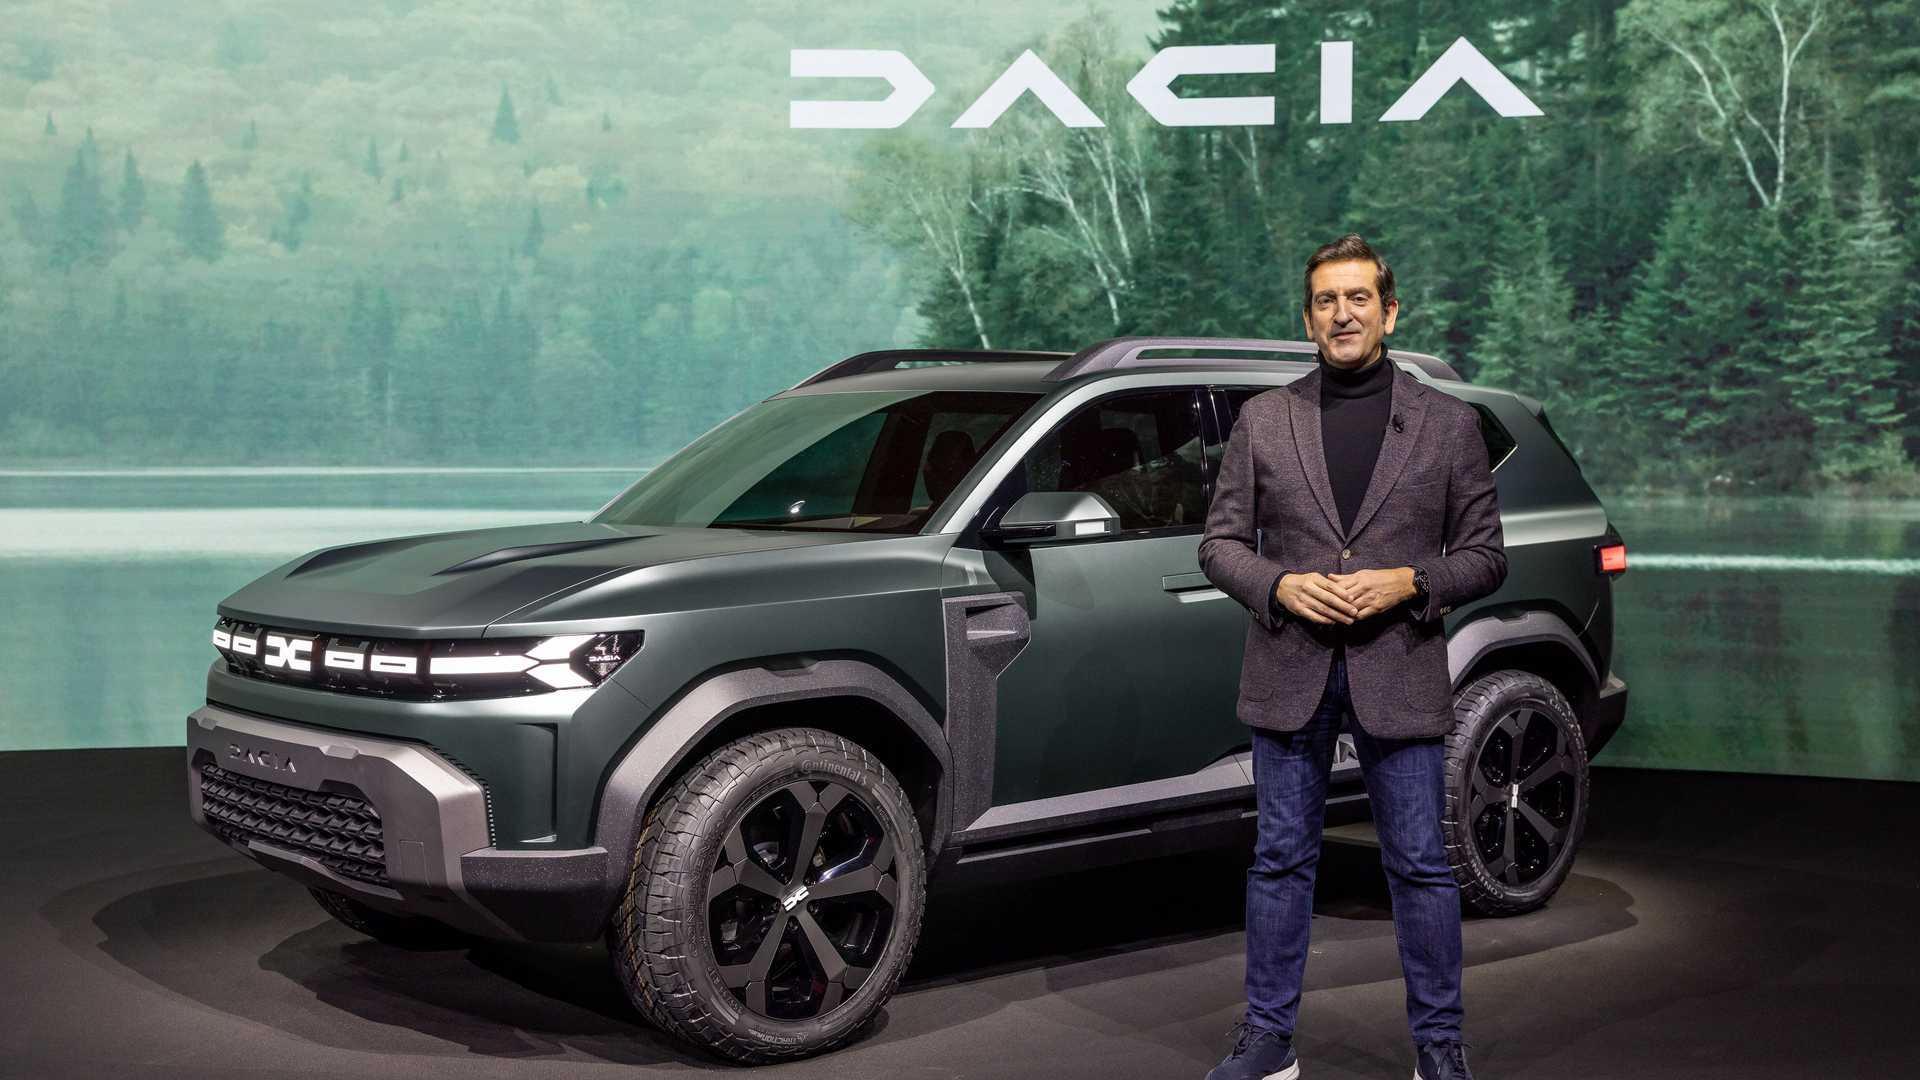 Румынская марка Dacia собирается серьезно расширить свою линейку. В ближайшие годы она добавит сразу три новые модели, одной из которых станет компактный внедорожник С-сегмента.